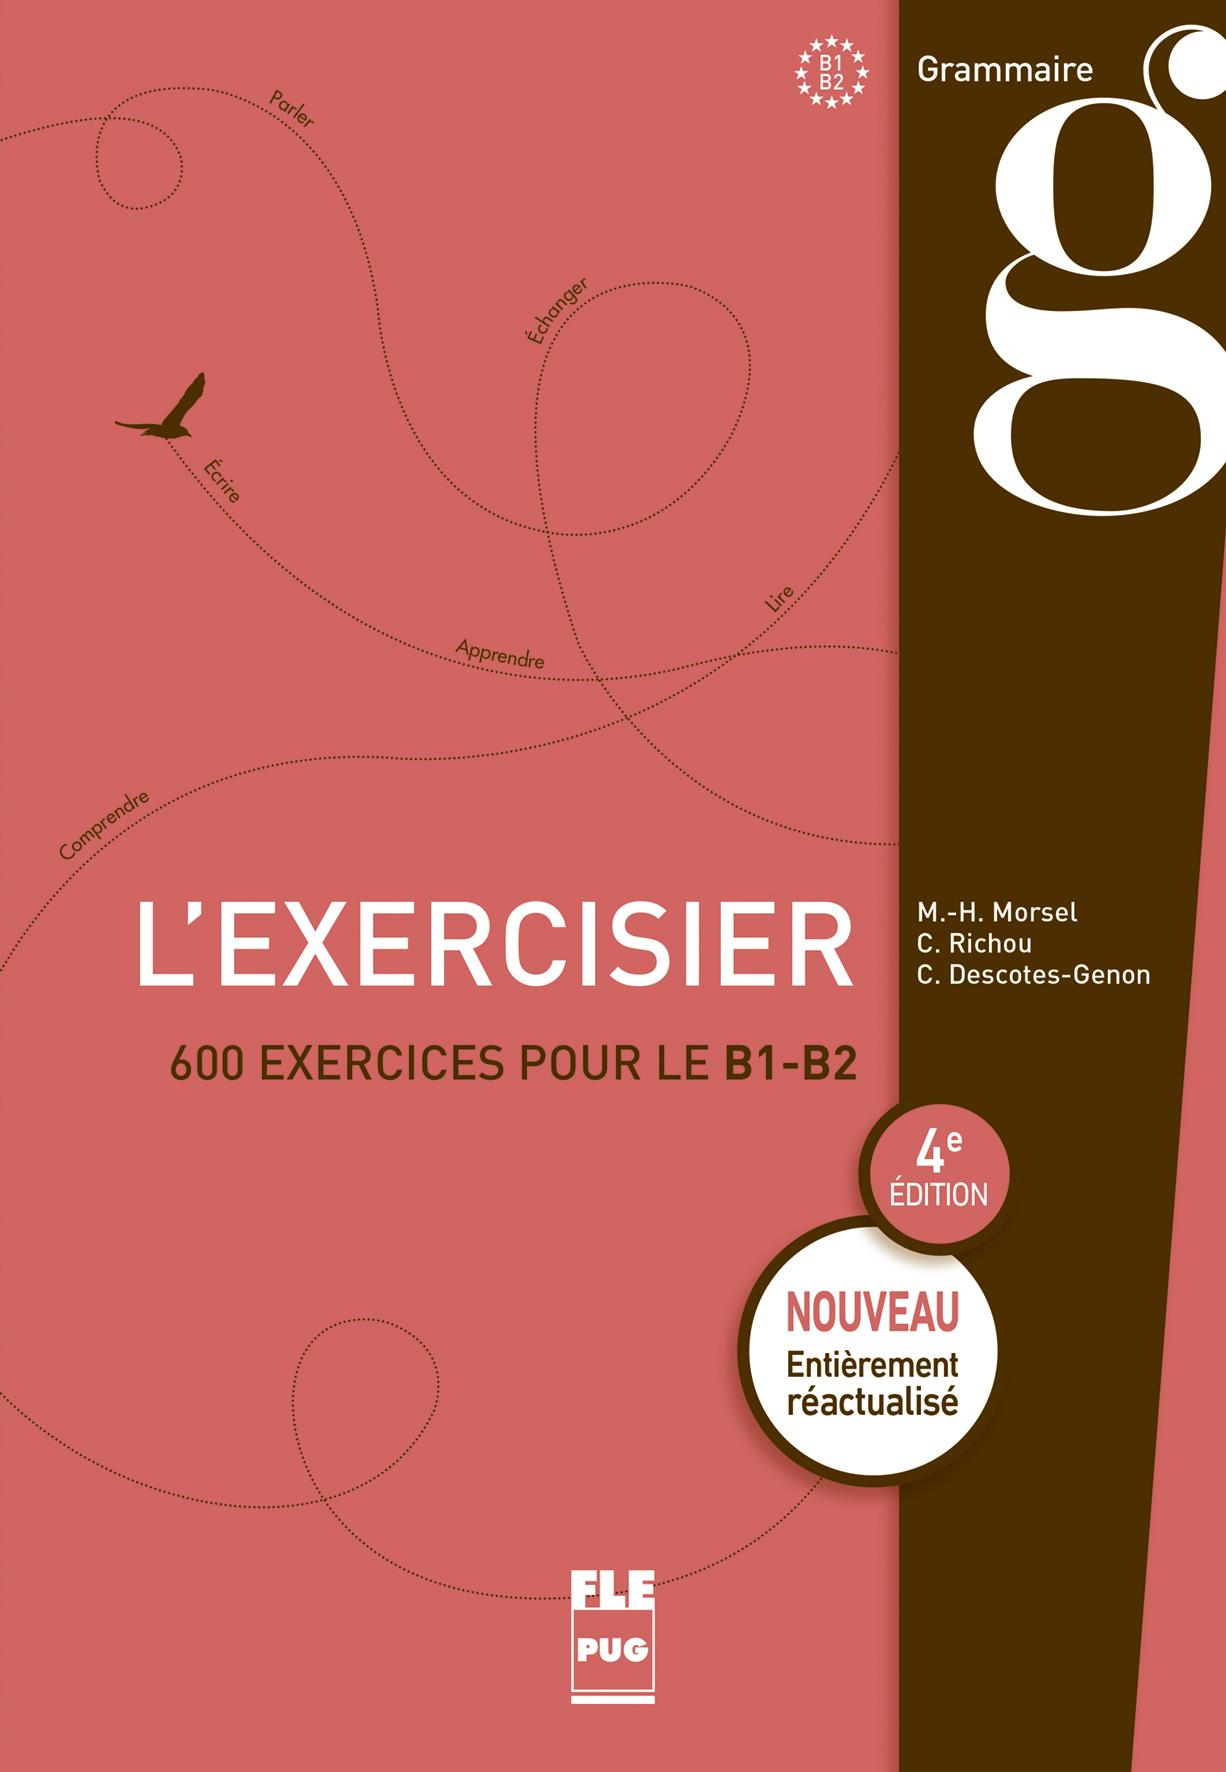 L Exercisier B1 B2 600 Exercices Pour Le B1 B2 Marie Helene Morsel Claude Richou Christiane Descotes Genon Ean13 9782706115868 Pug Livres Papiers Et Numeriques En Ligne